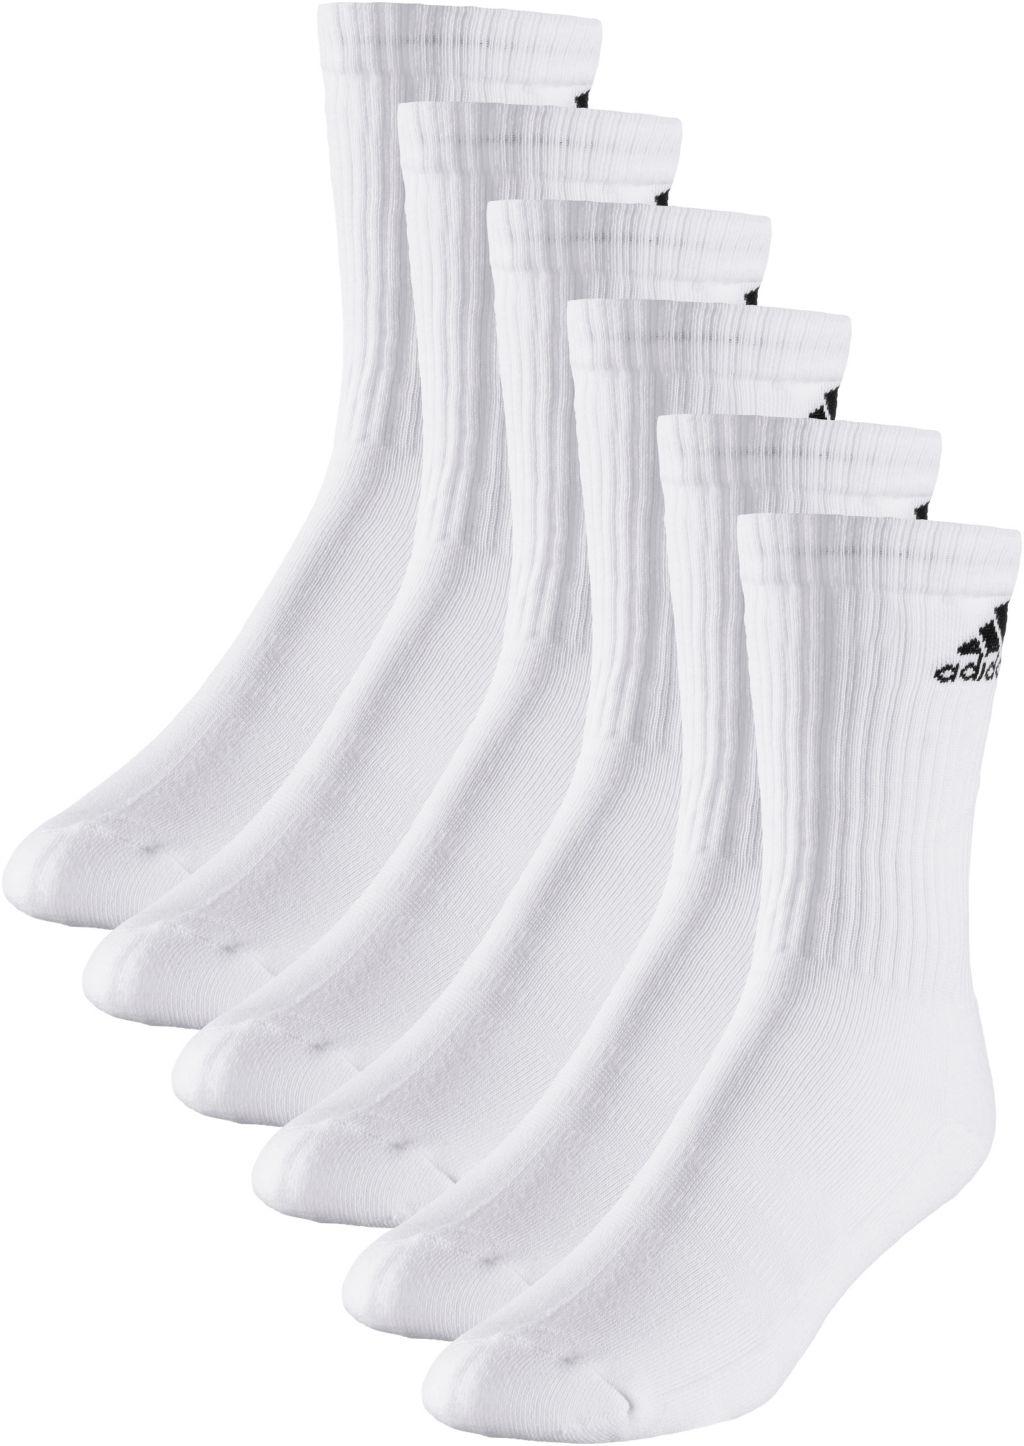 Socken Pack in weiß, Größe 35-38